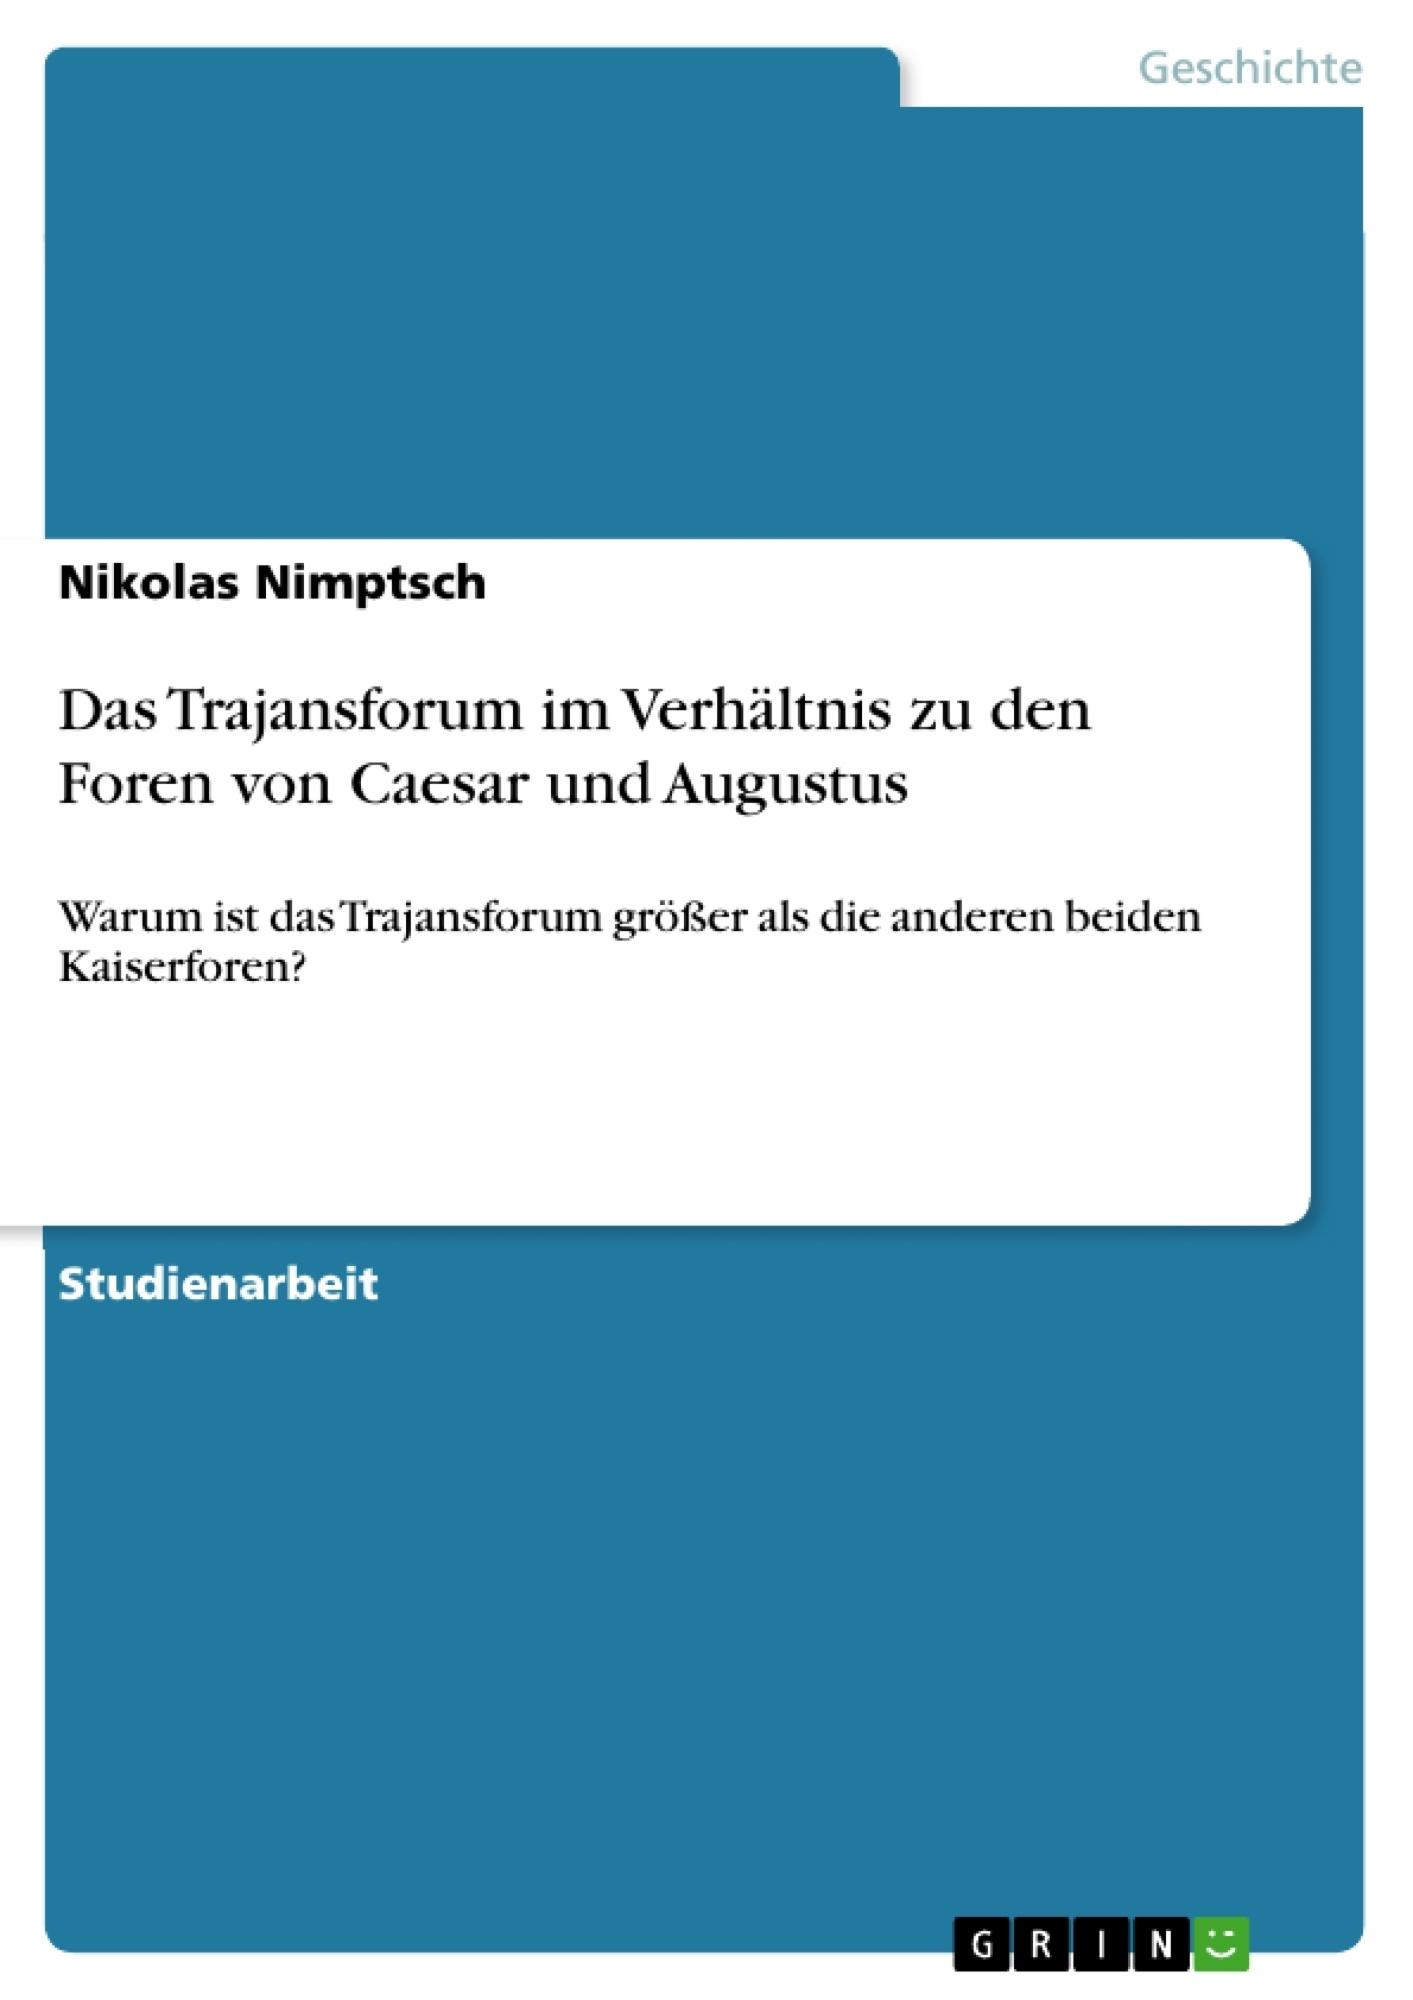 Titel: Das Trajansforum im Verhältnis zu den Foren von Caesar und Augustus